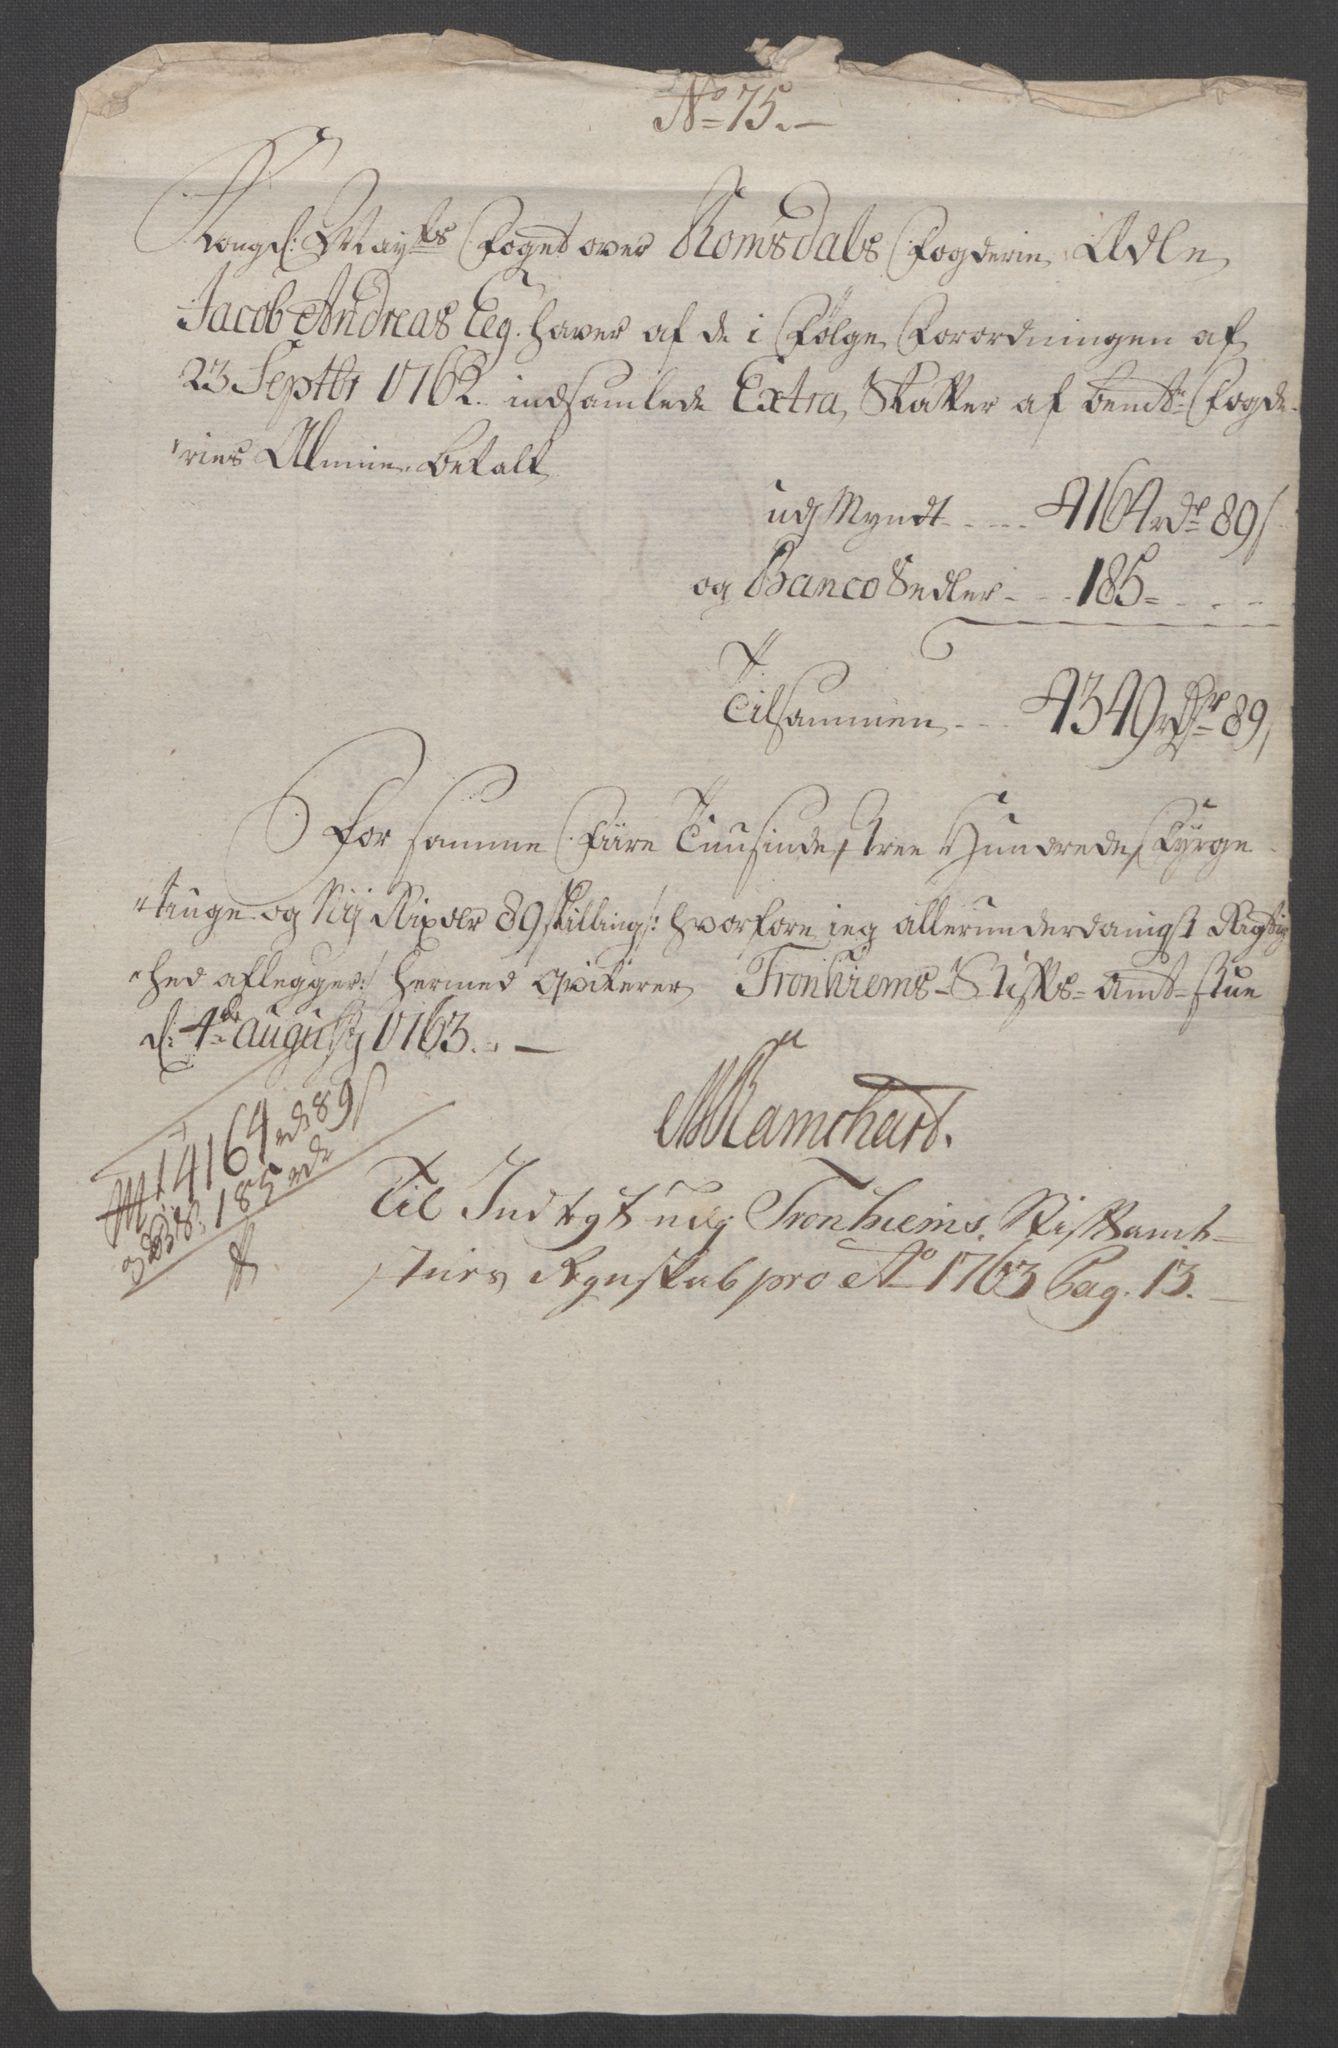 RA, Rentekammeret inntil 1814, Reviderte regnskaper, Fogderegnskap, R55/L3730: Ekstraskatten Romsdal, 1762-1763, s. 544